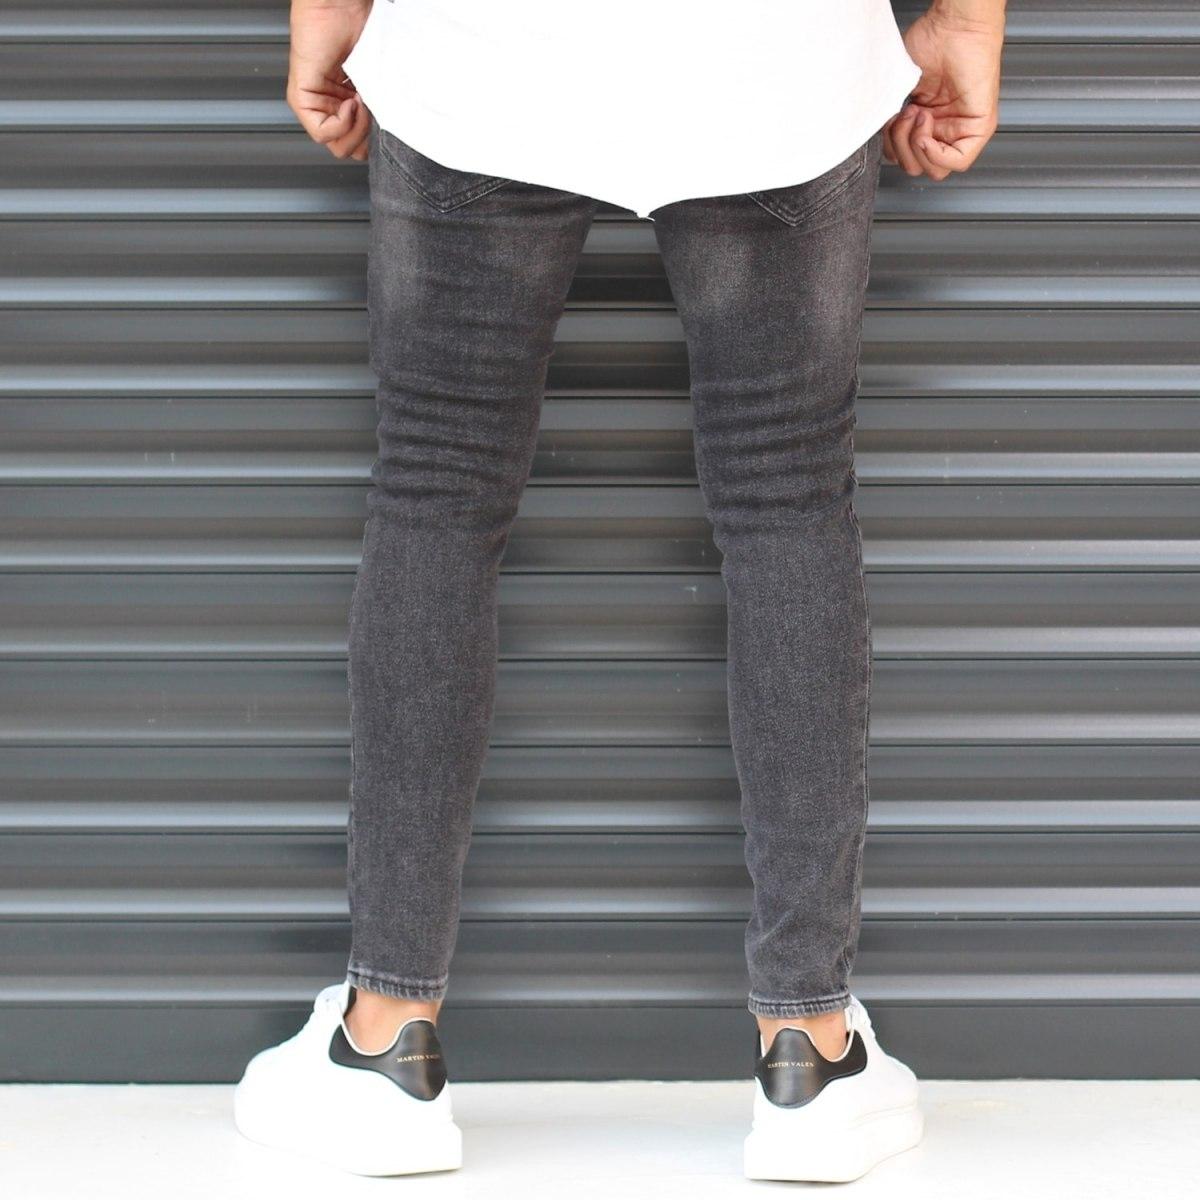 Men's Skinny Sport Jeans In Pale Black Mv Premium Brand - 5